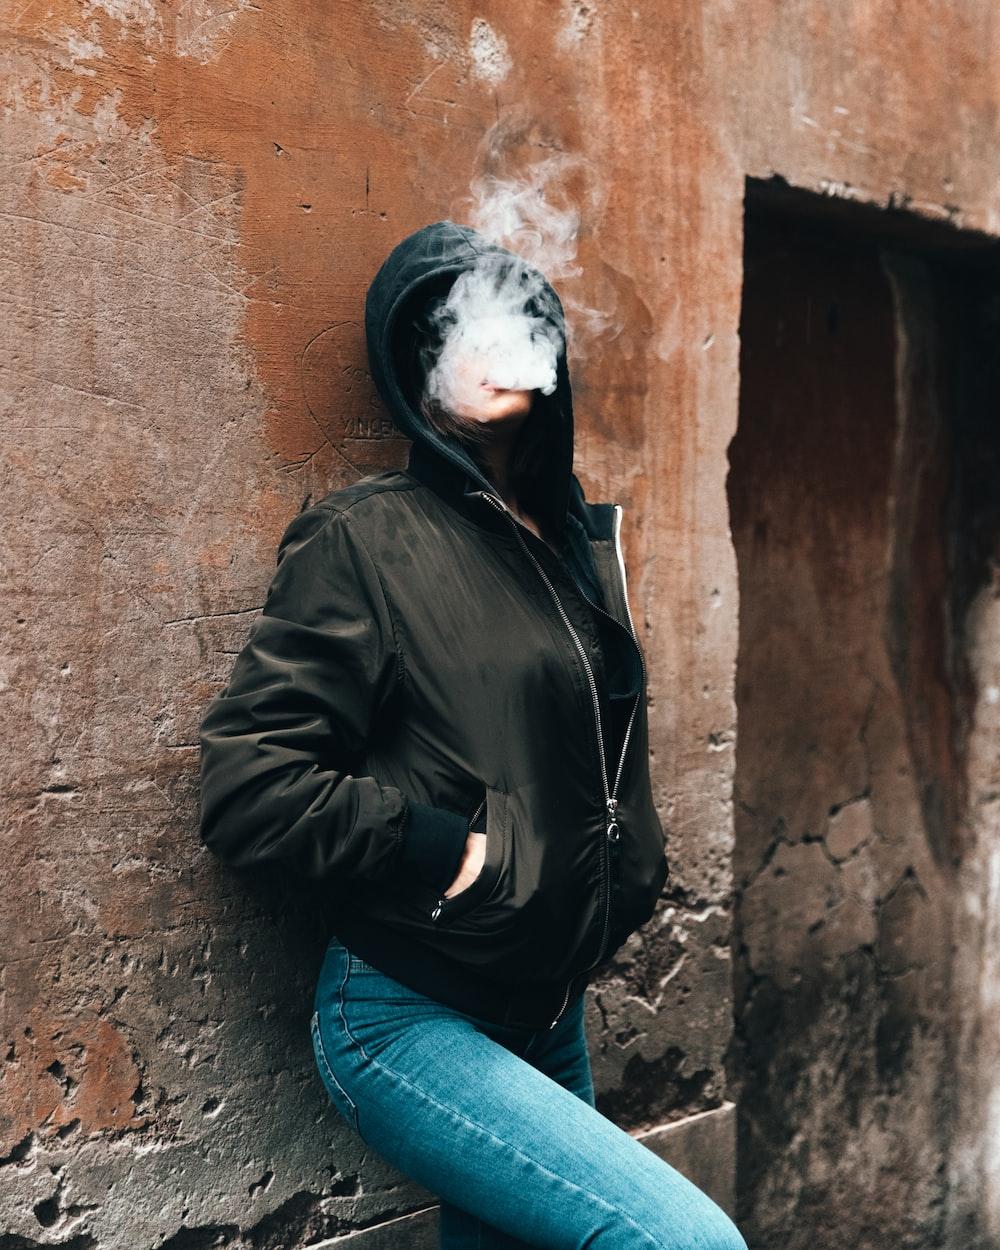 mulher fumando enquanto encostada na parede